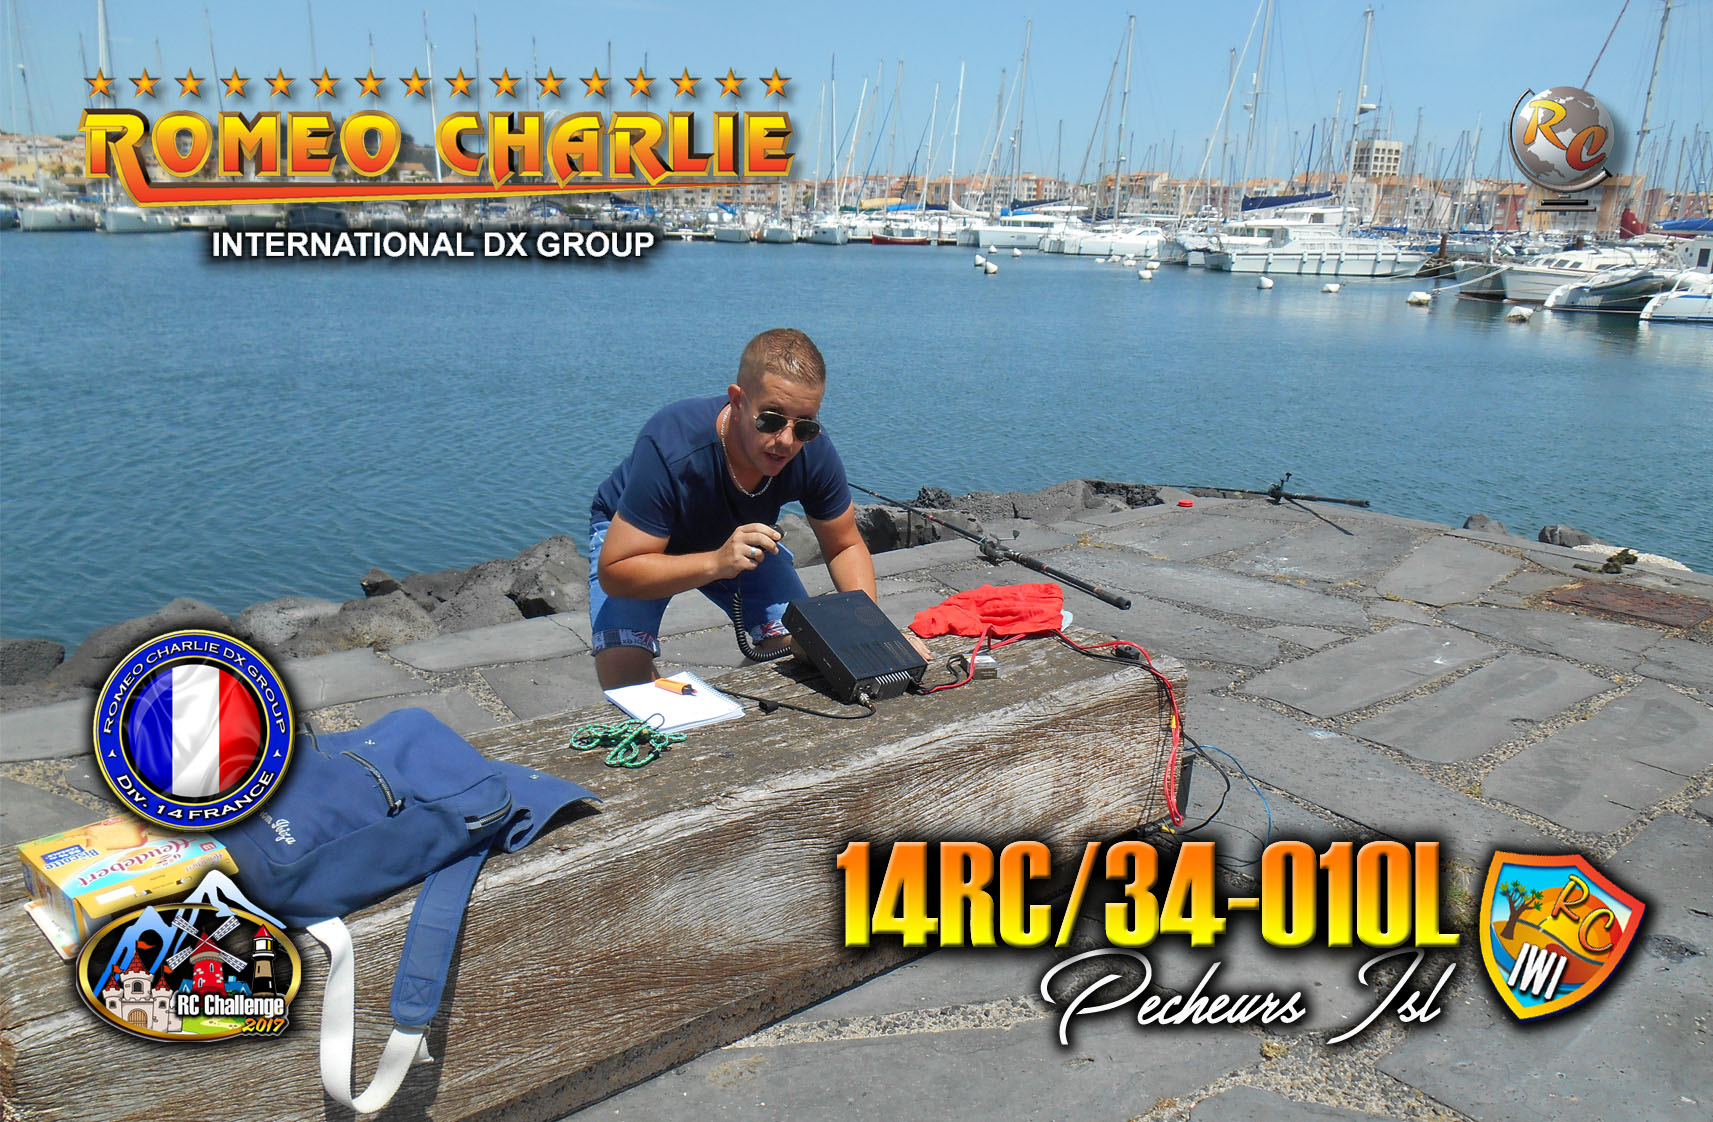 14rc34-010l photo 1